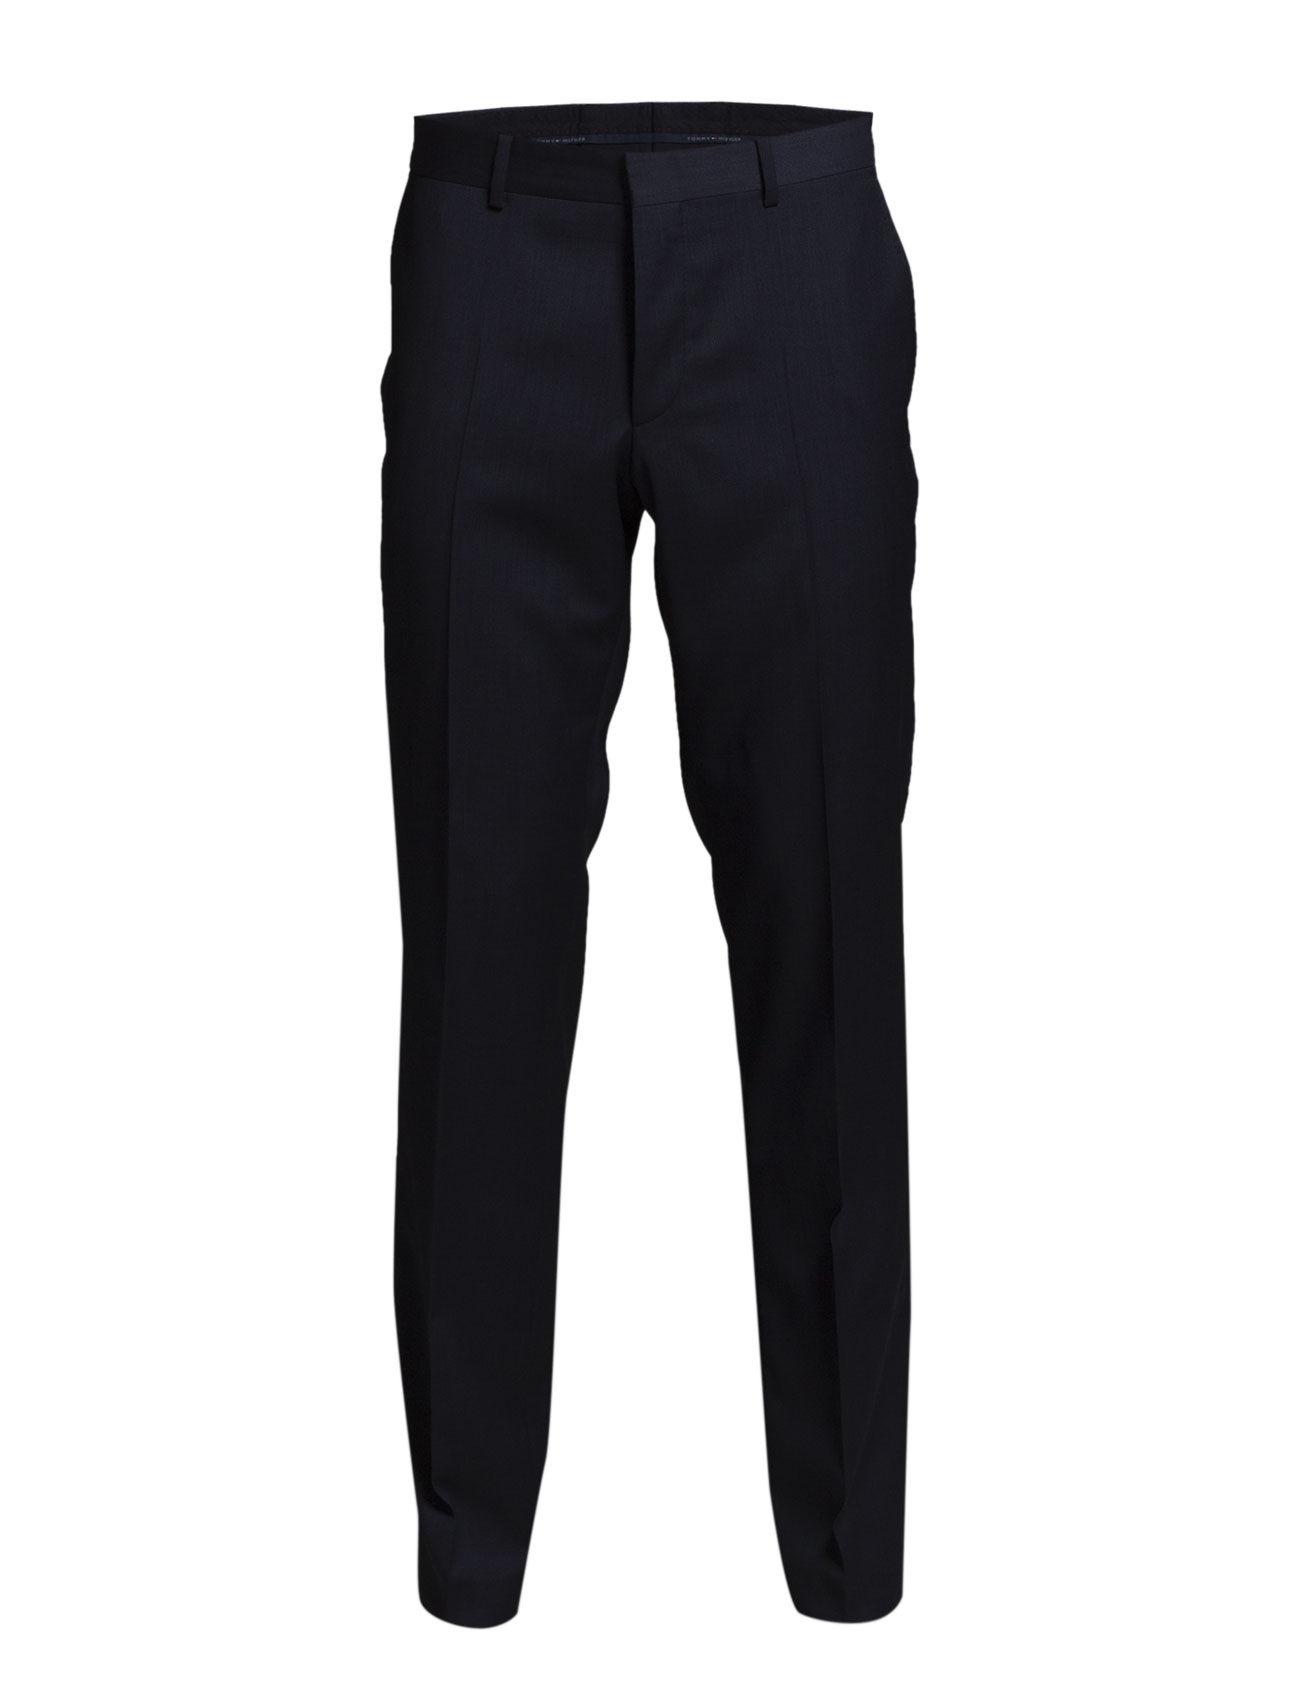 Rhames Stssld99003 Tommy Hilfiger Tailored Bukser til Mænd i